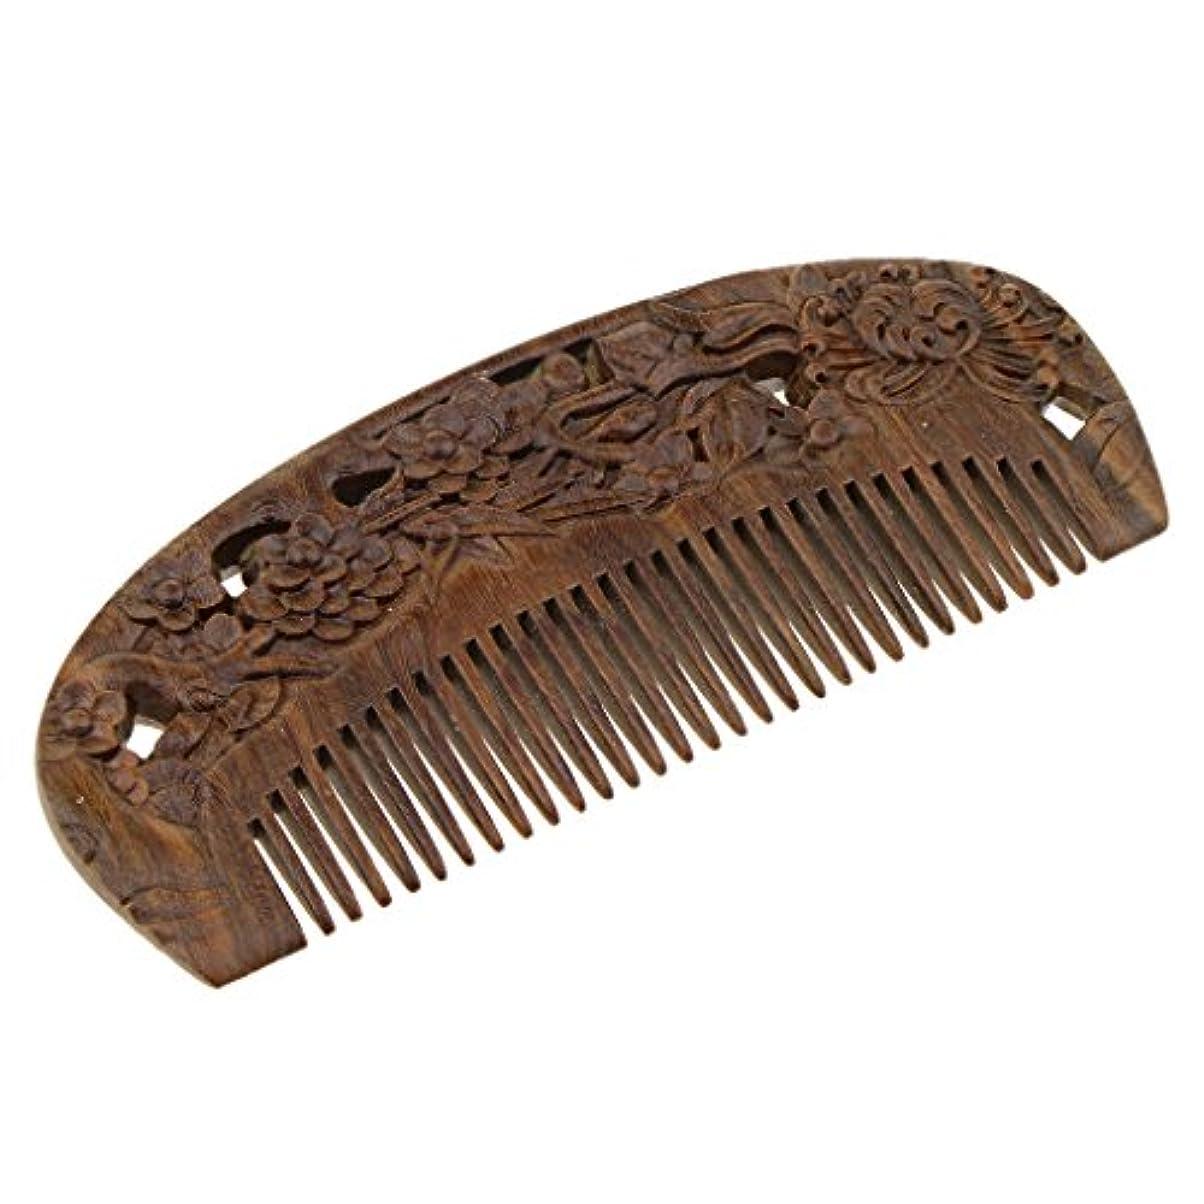 クリスチャンシャンプー小さいヘアコーム 木製櫛 頭皮マッサージ 櫛 ヘアスタイリング 高品質 2タイプ選べる - #2